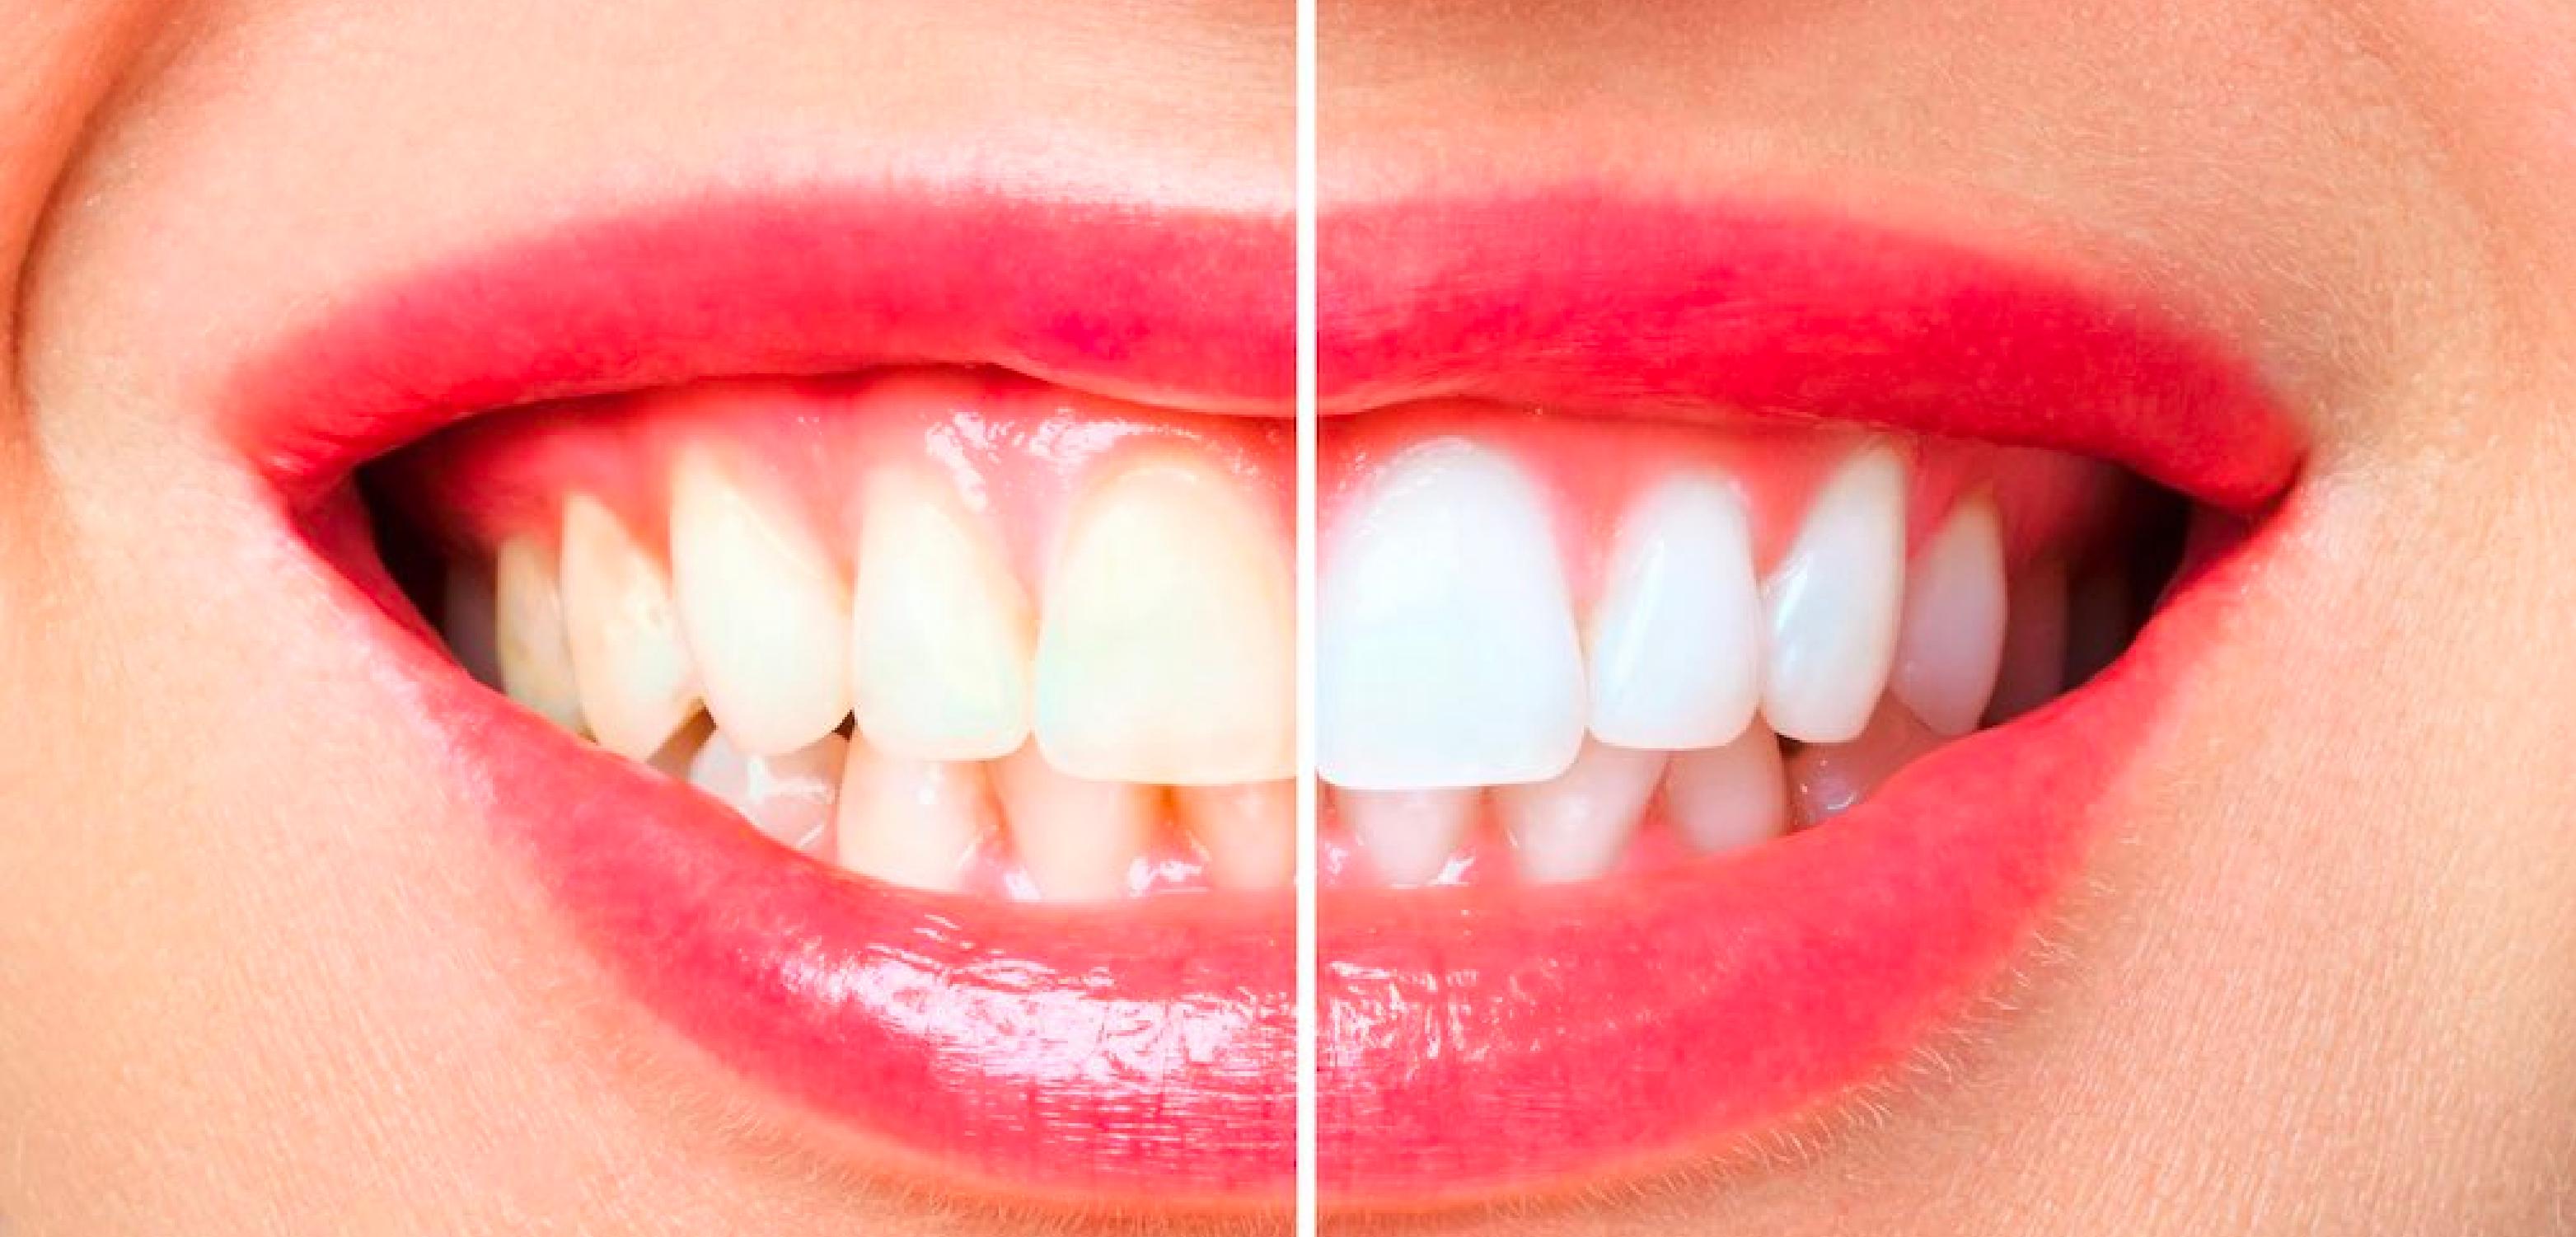 Clínicas odontológicas Sonría – Blanqueamiento dental